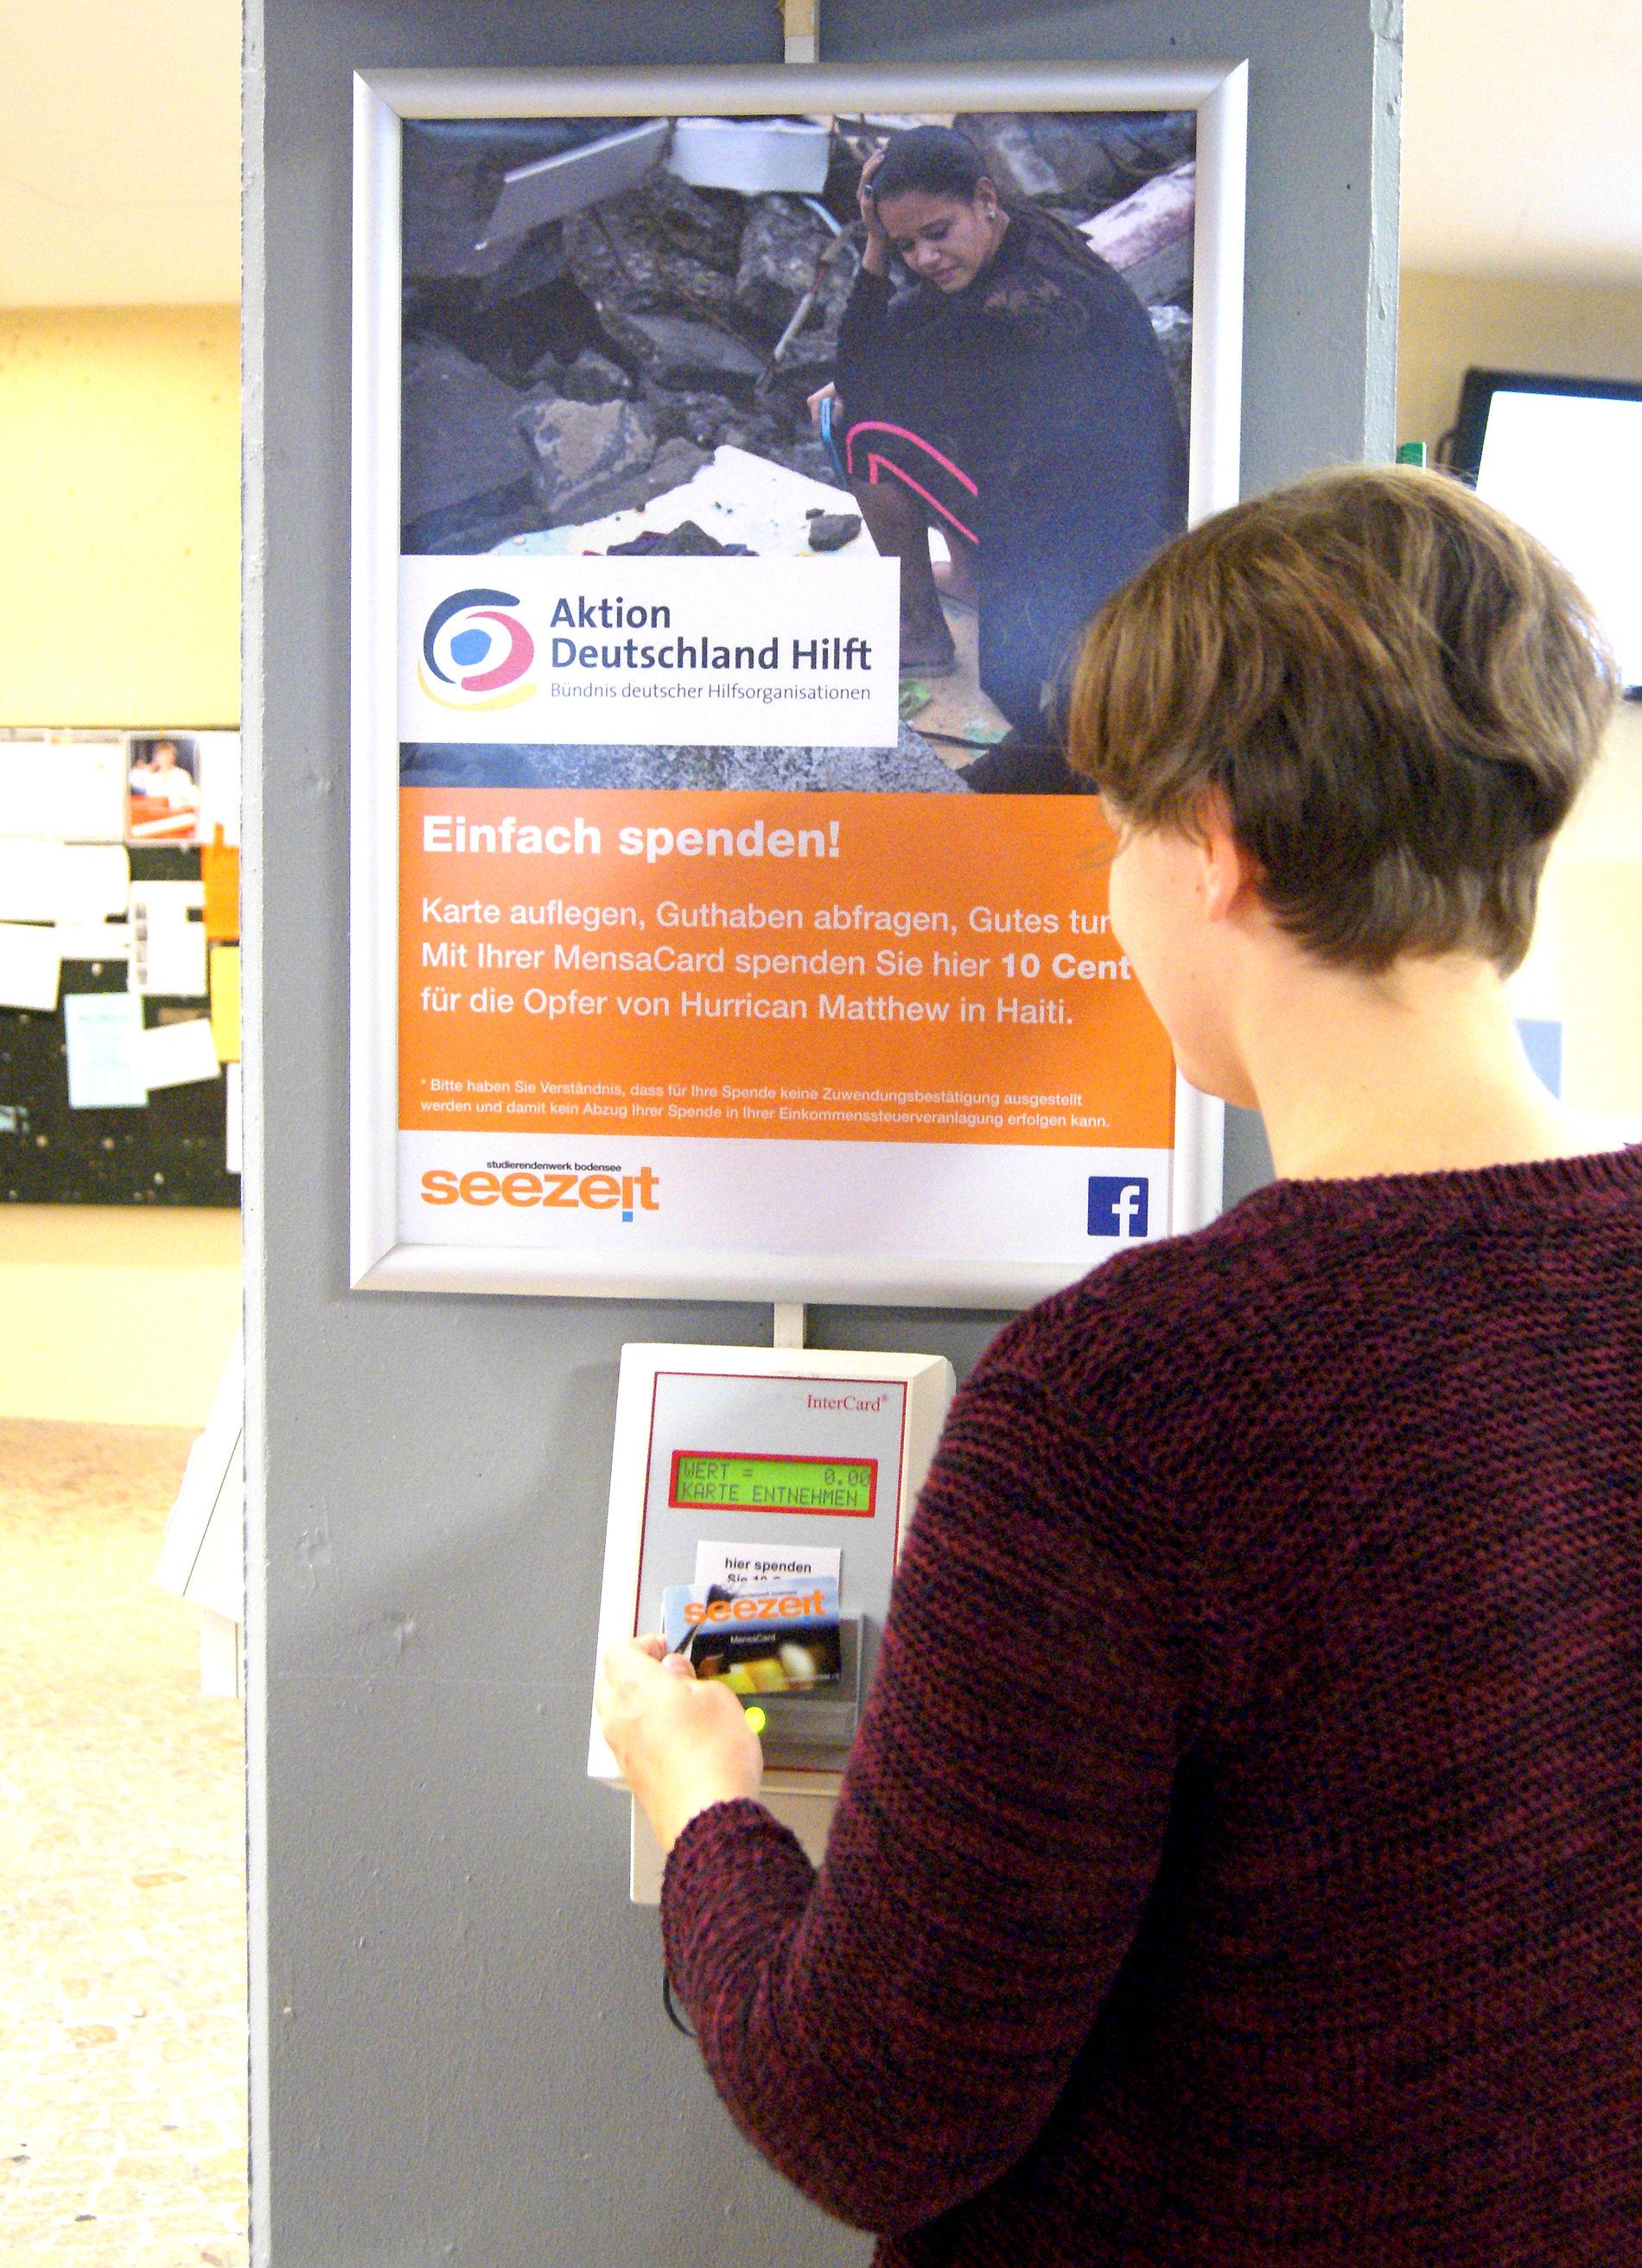 An einer der Chipkarten-Stationen vor der Mensa in der Uni Konstanz können Studierende das Guthaben auf ihrer Seezeit MensaCard abfragen und gleichzeitig Menschen in Not unterstützen. Foto: Seezeit